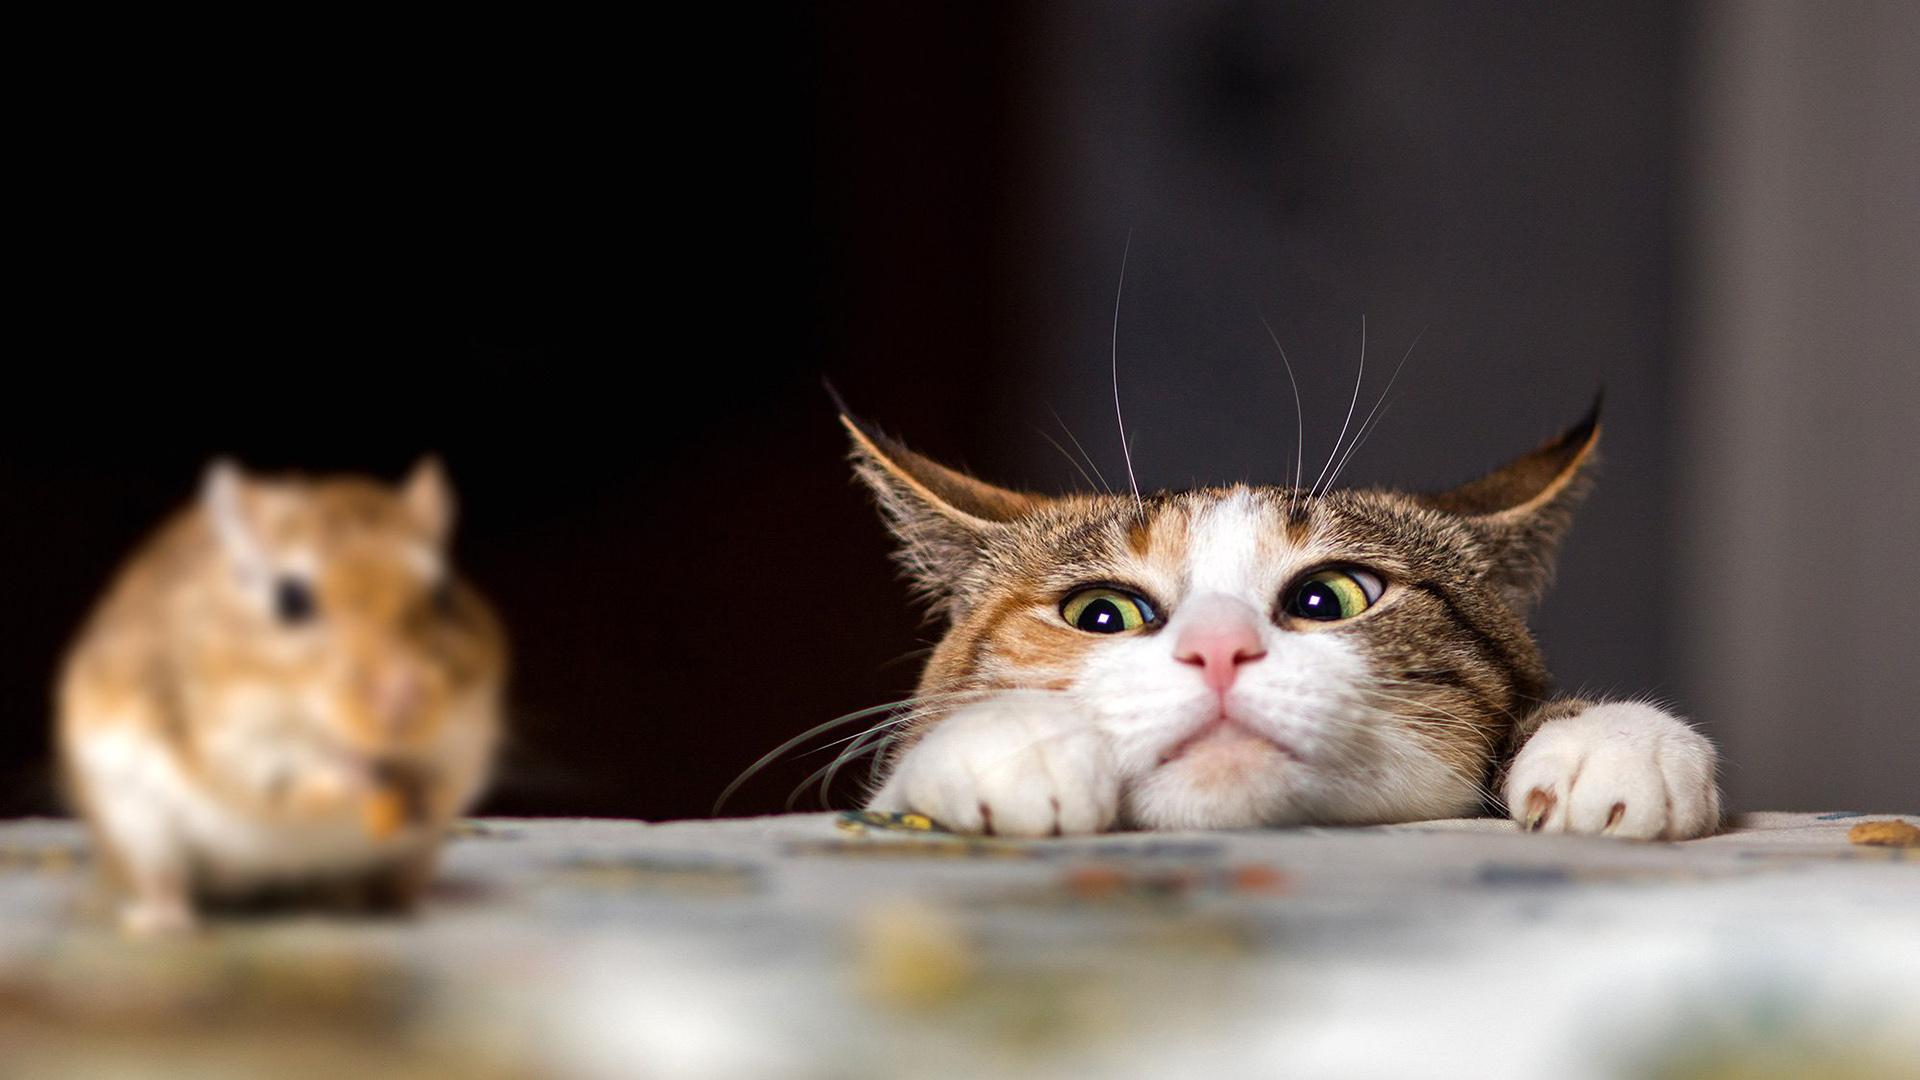 Открытка подруге, смешные картинки кота и мыши